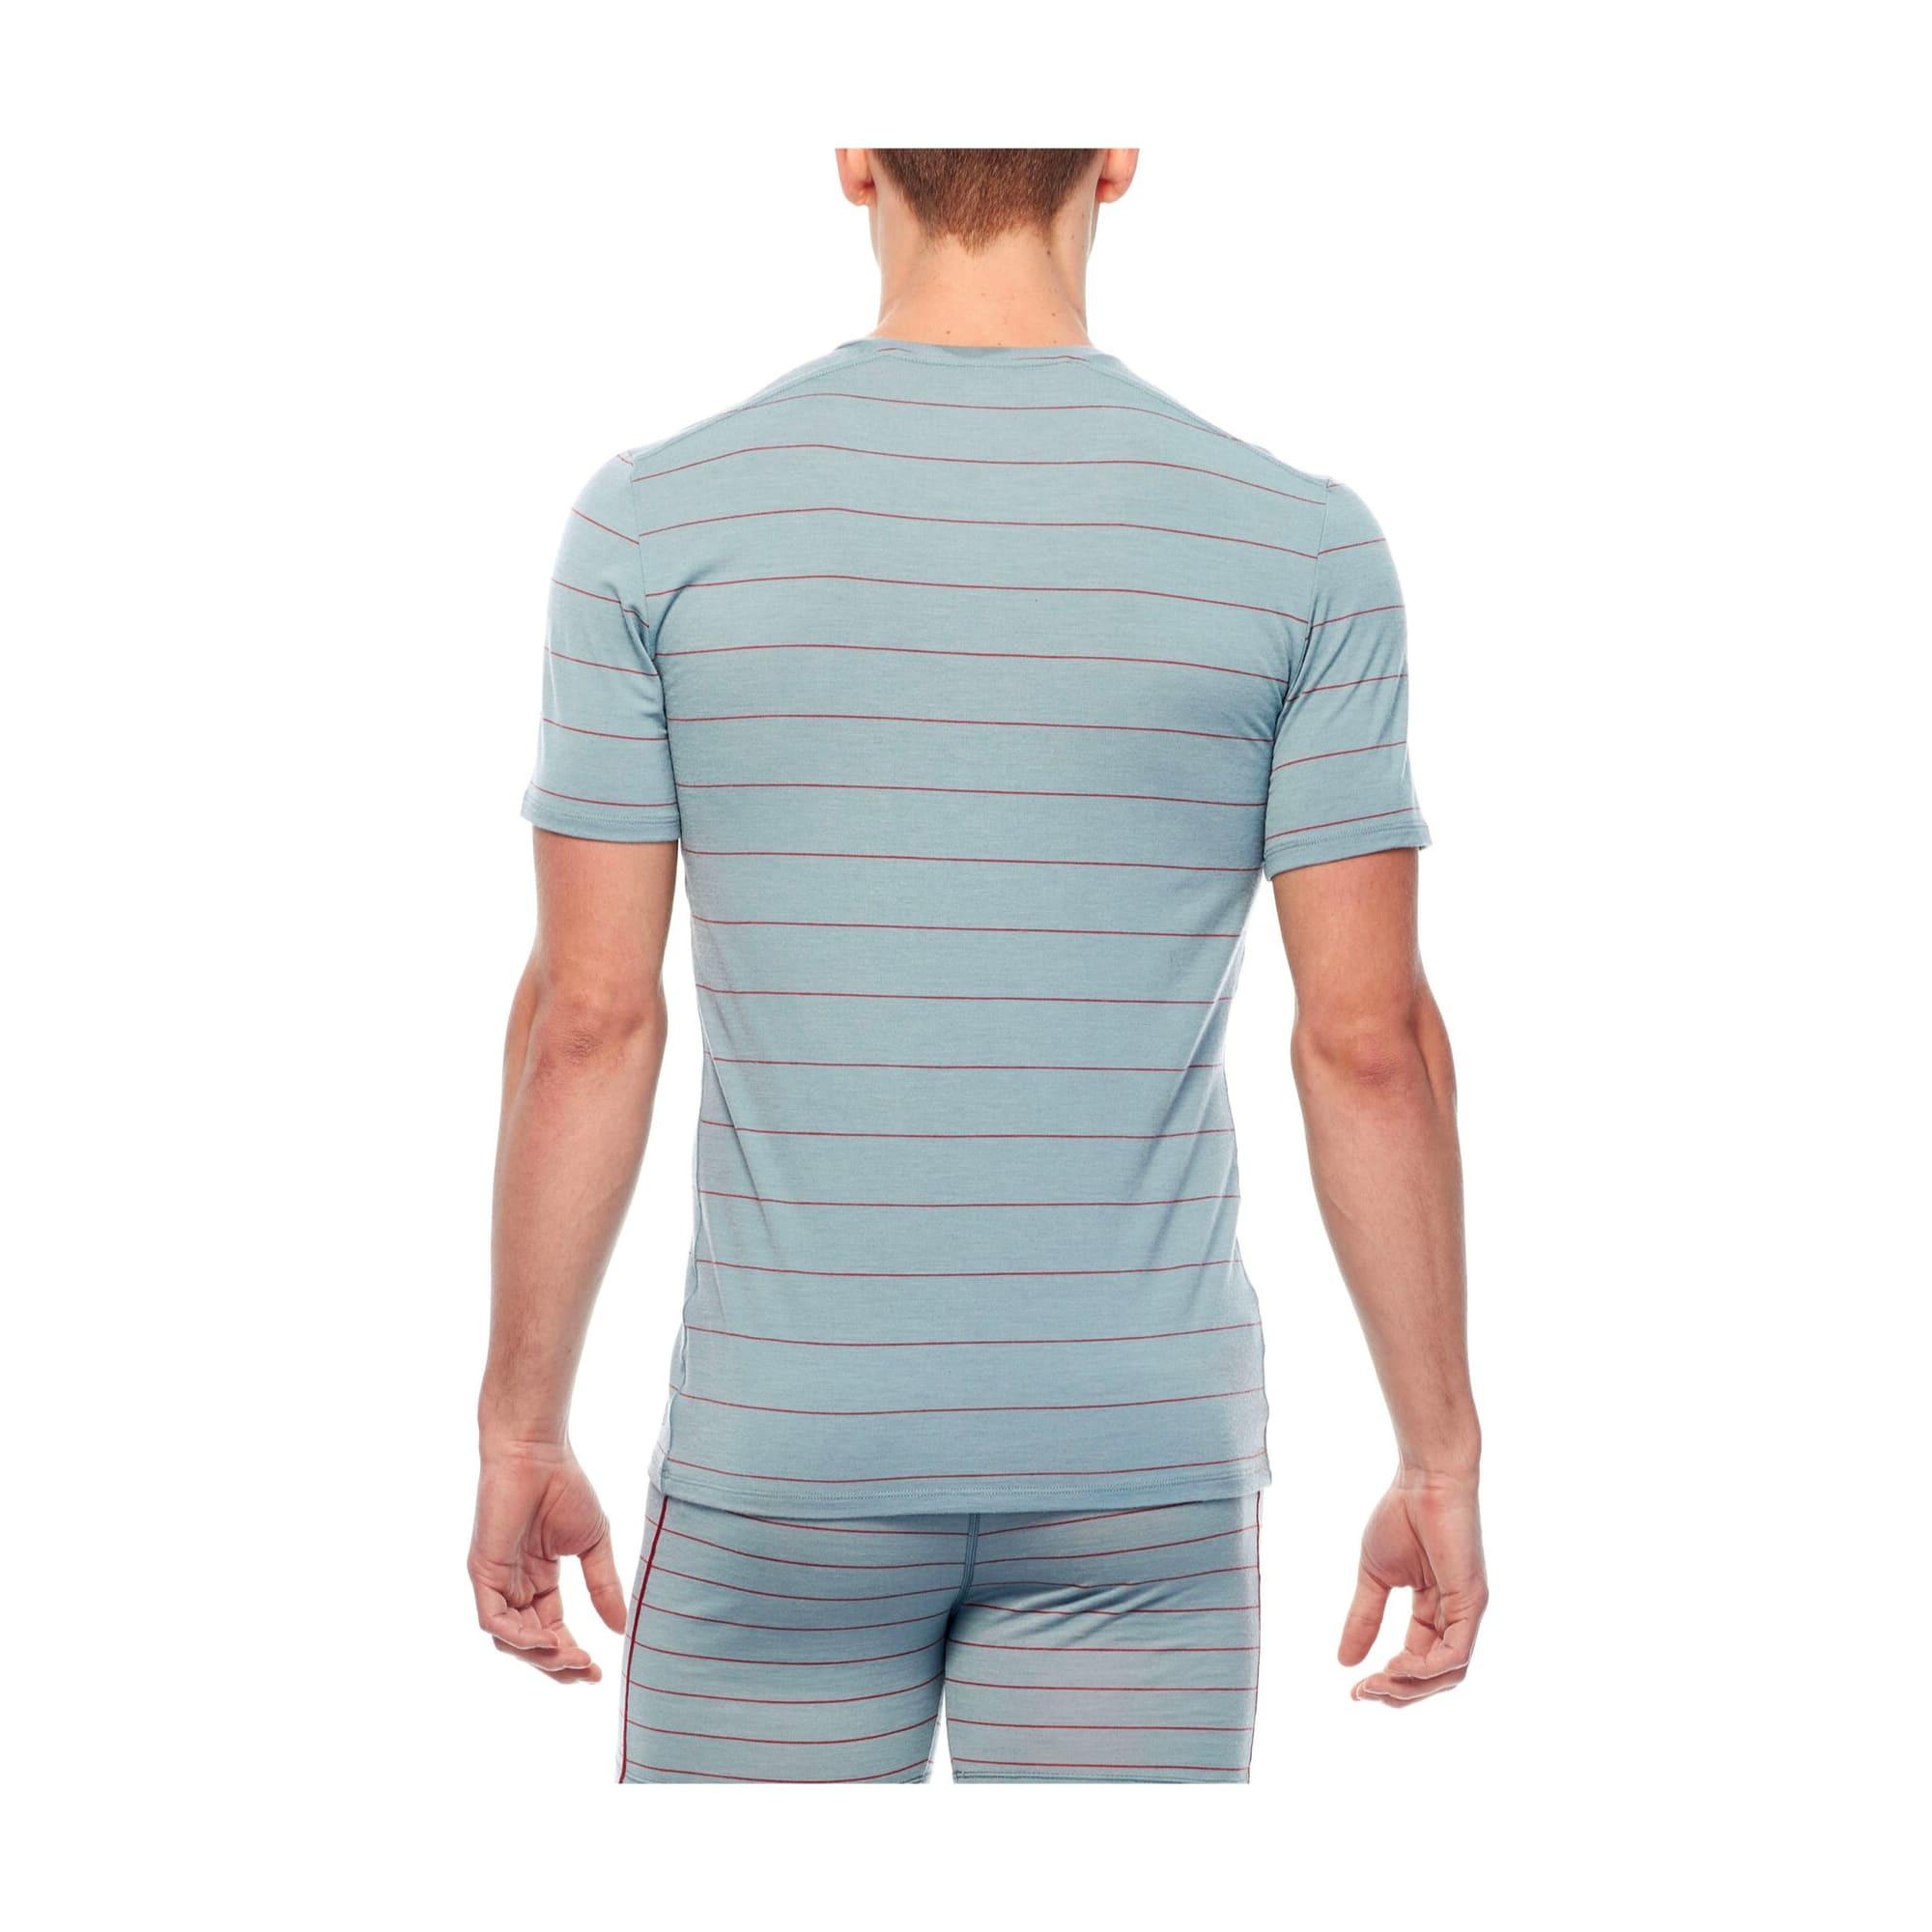 Men's Anatomica Short Sleeve Crewe-3